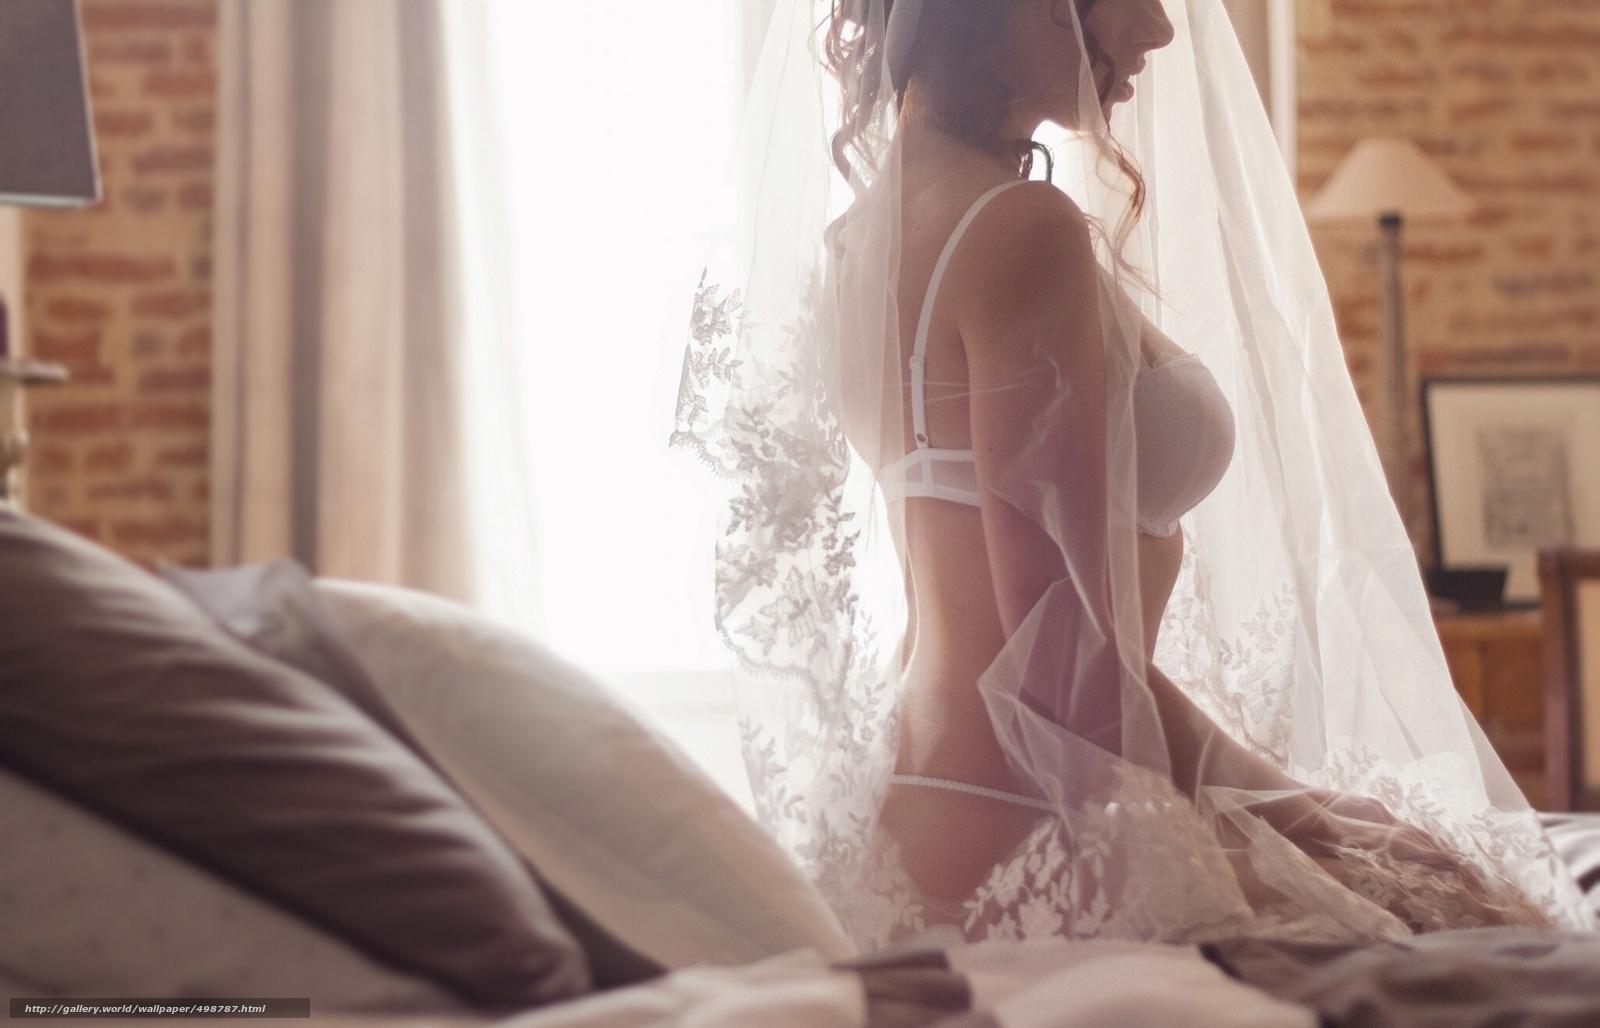 Фата невесты своими руками фото 16 фотография